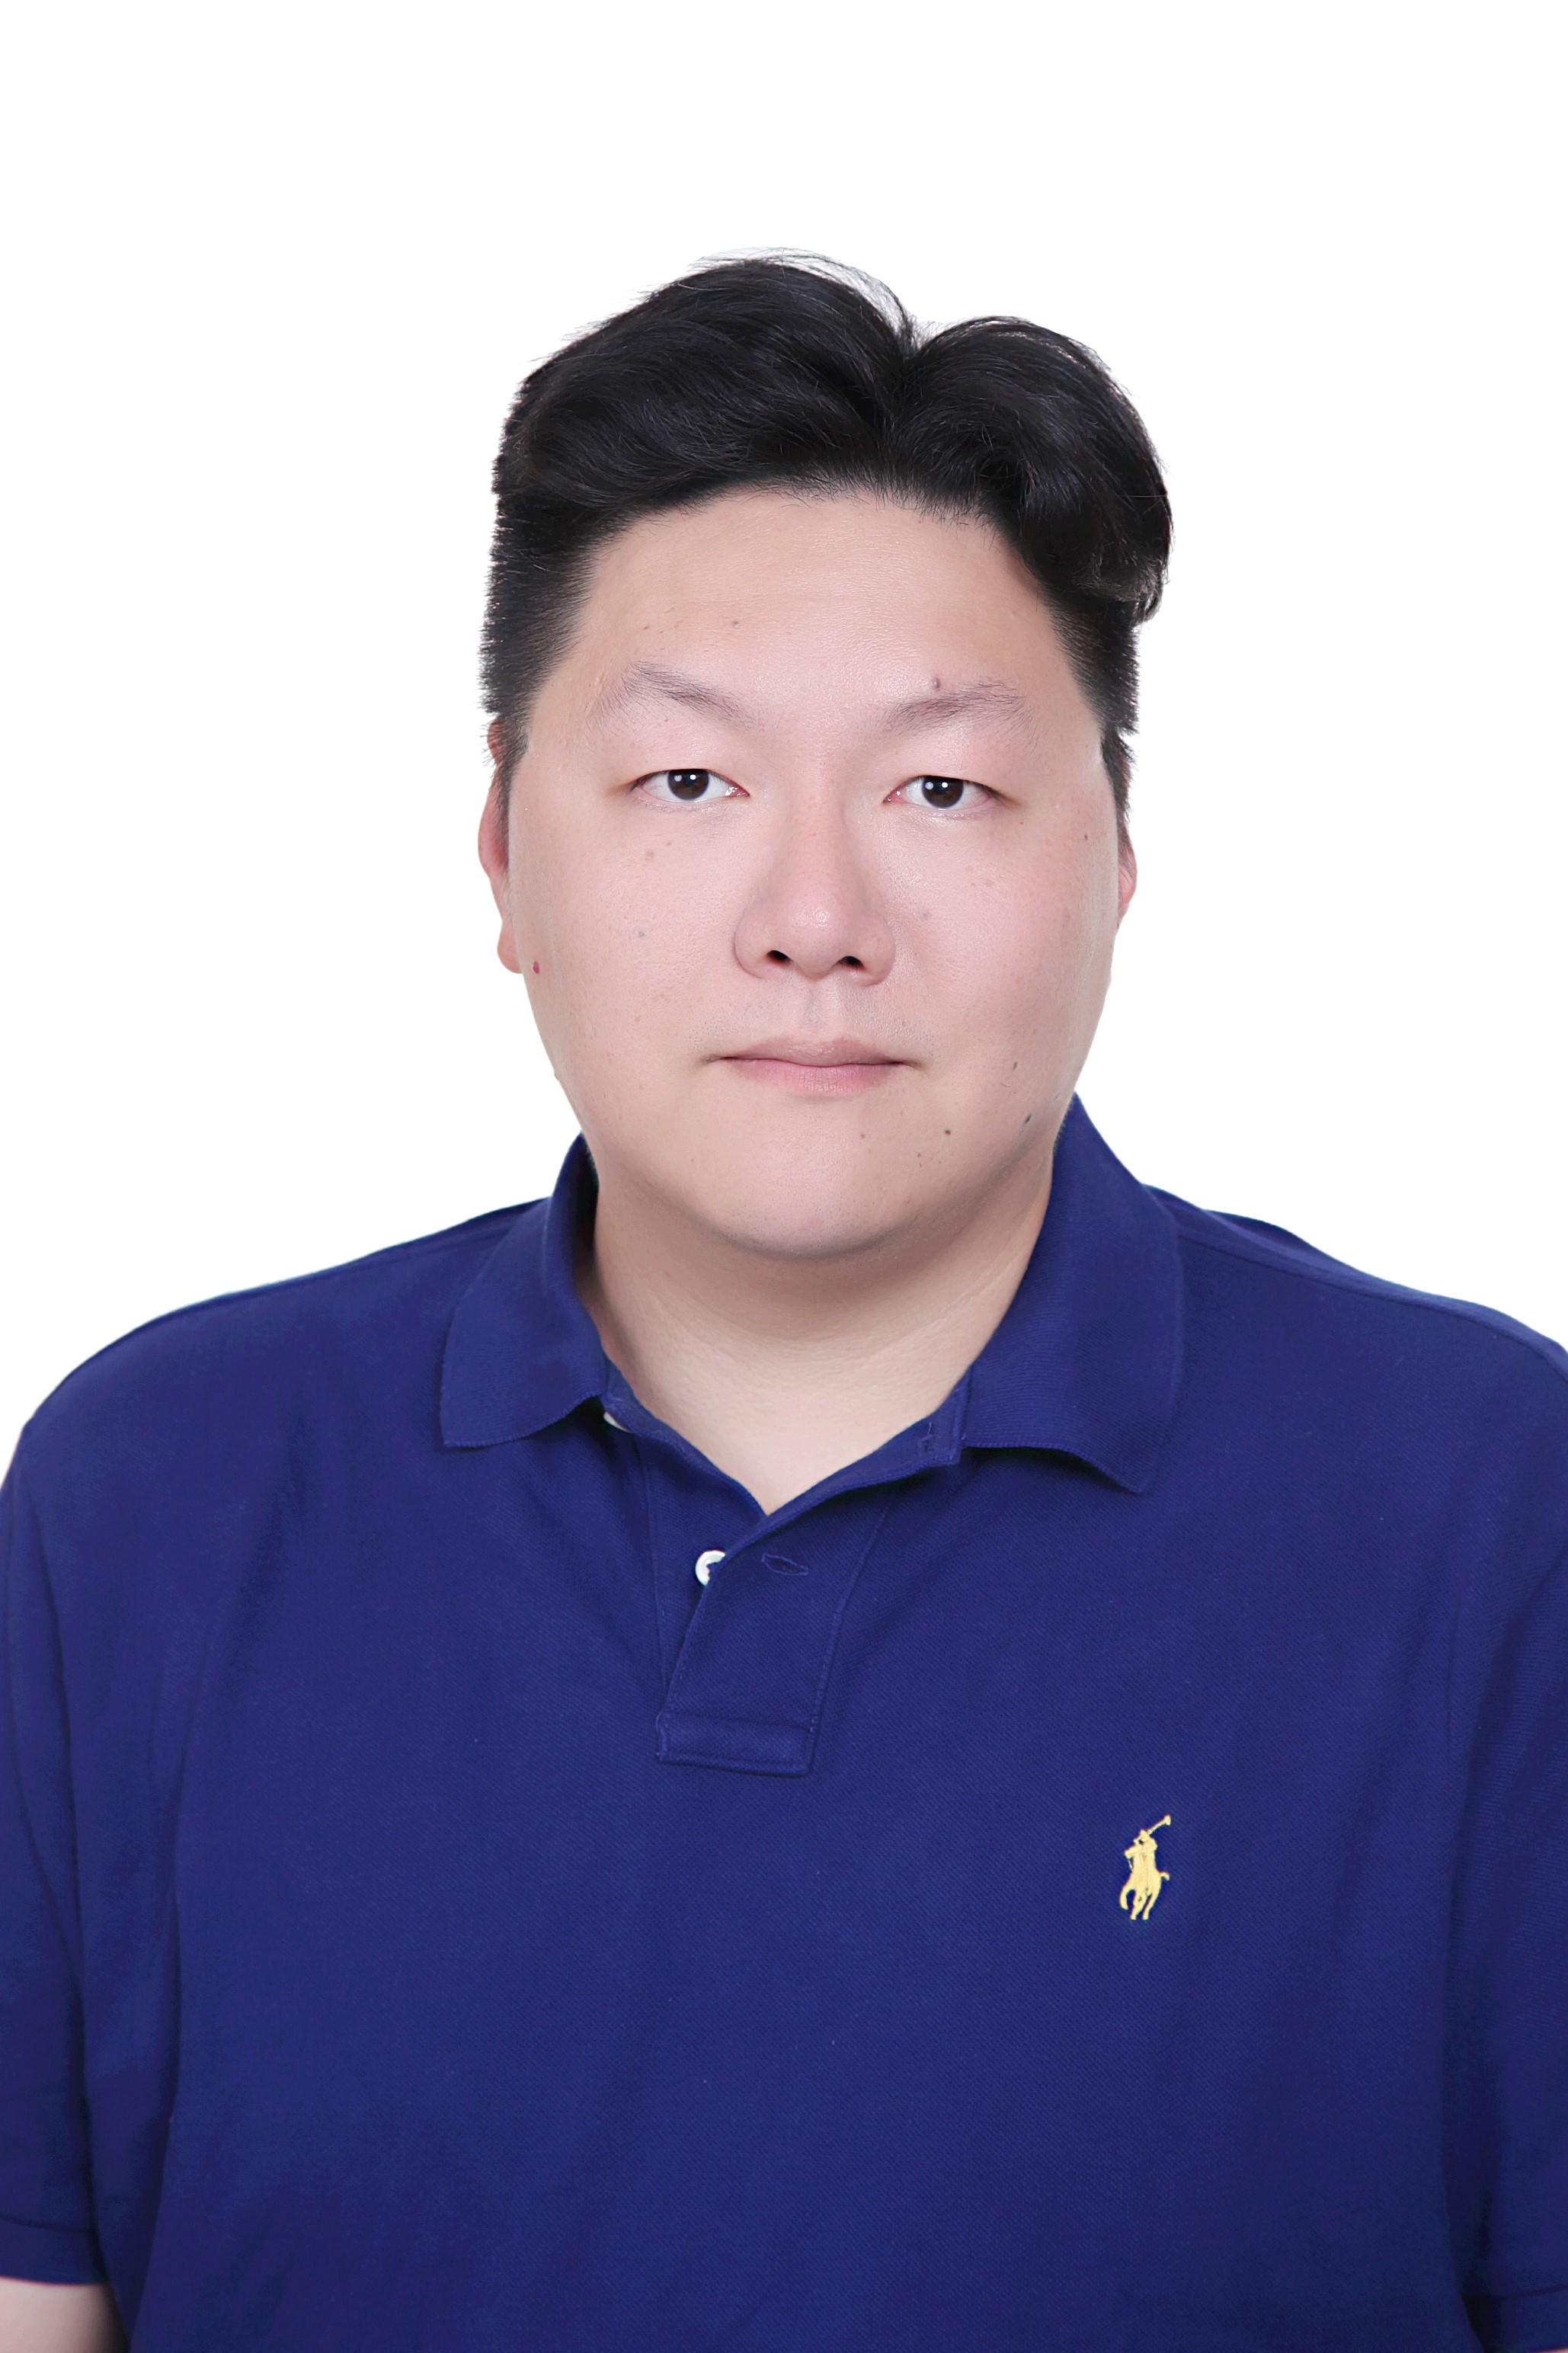 教師 「鄭瑞健」老師照片